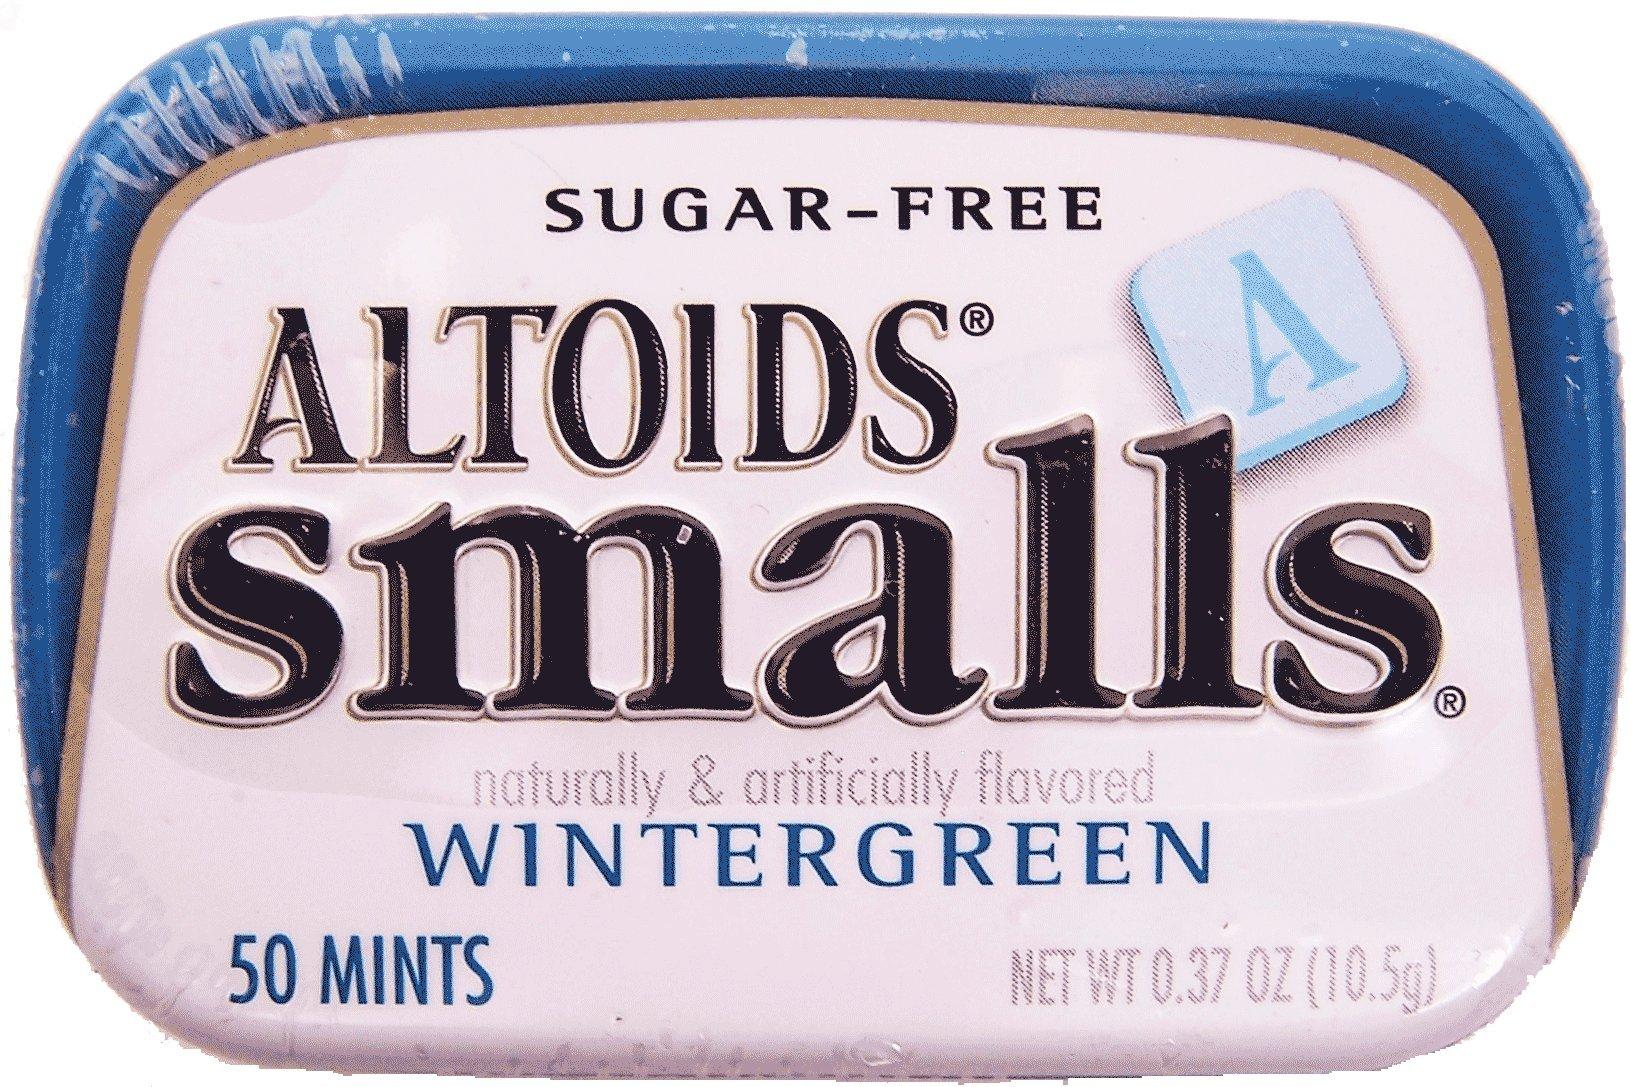 Altoids Mints - Smalls Wintergreen Sugar Free .37 Oz Tins - 9 Pack